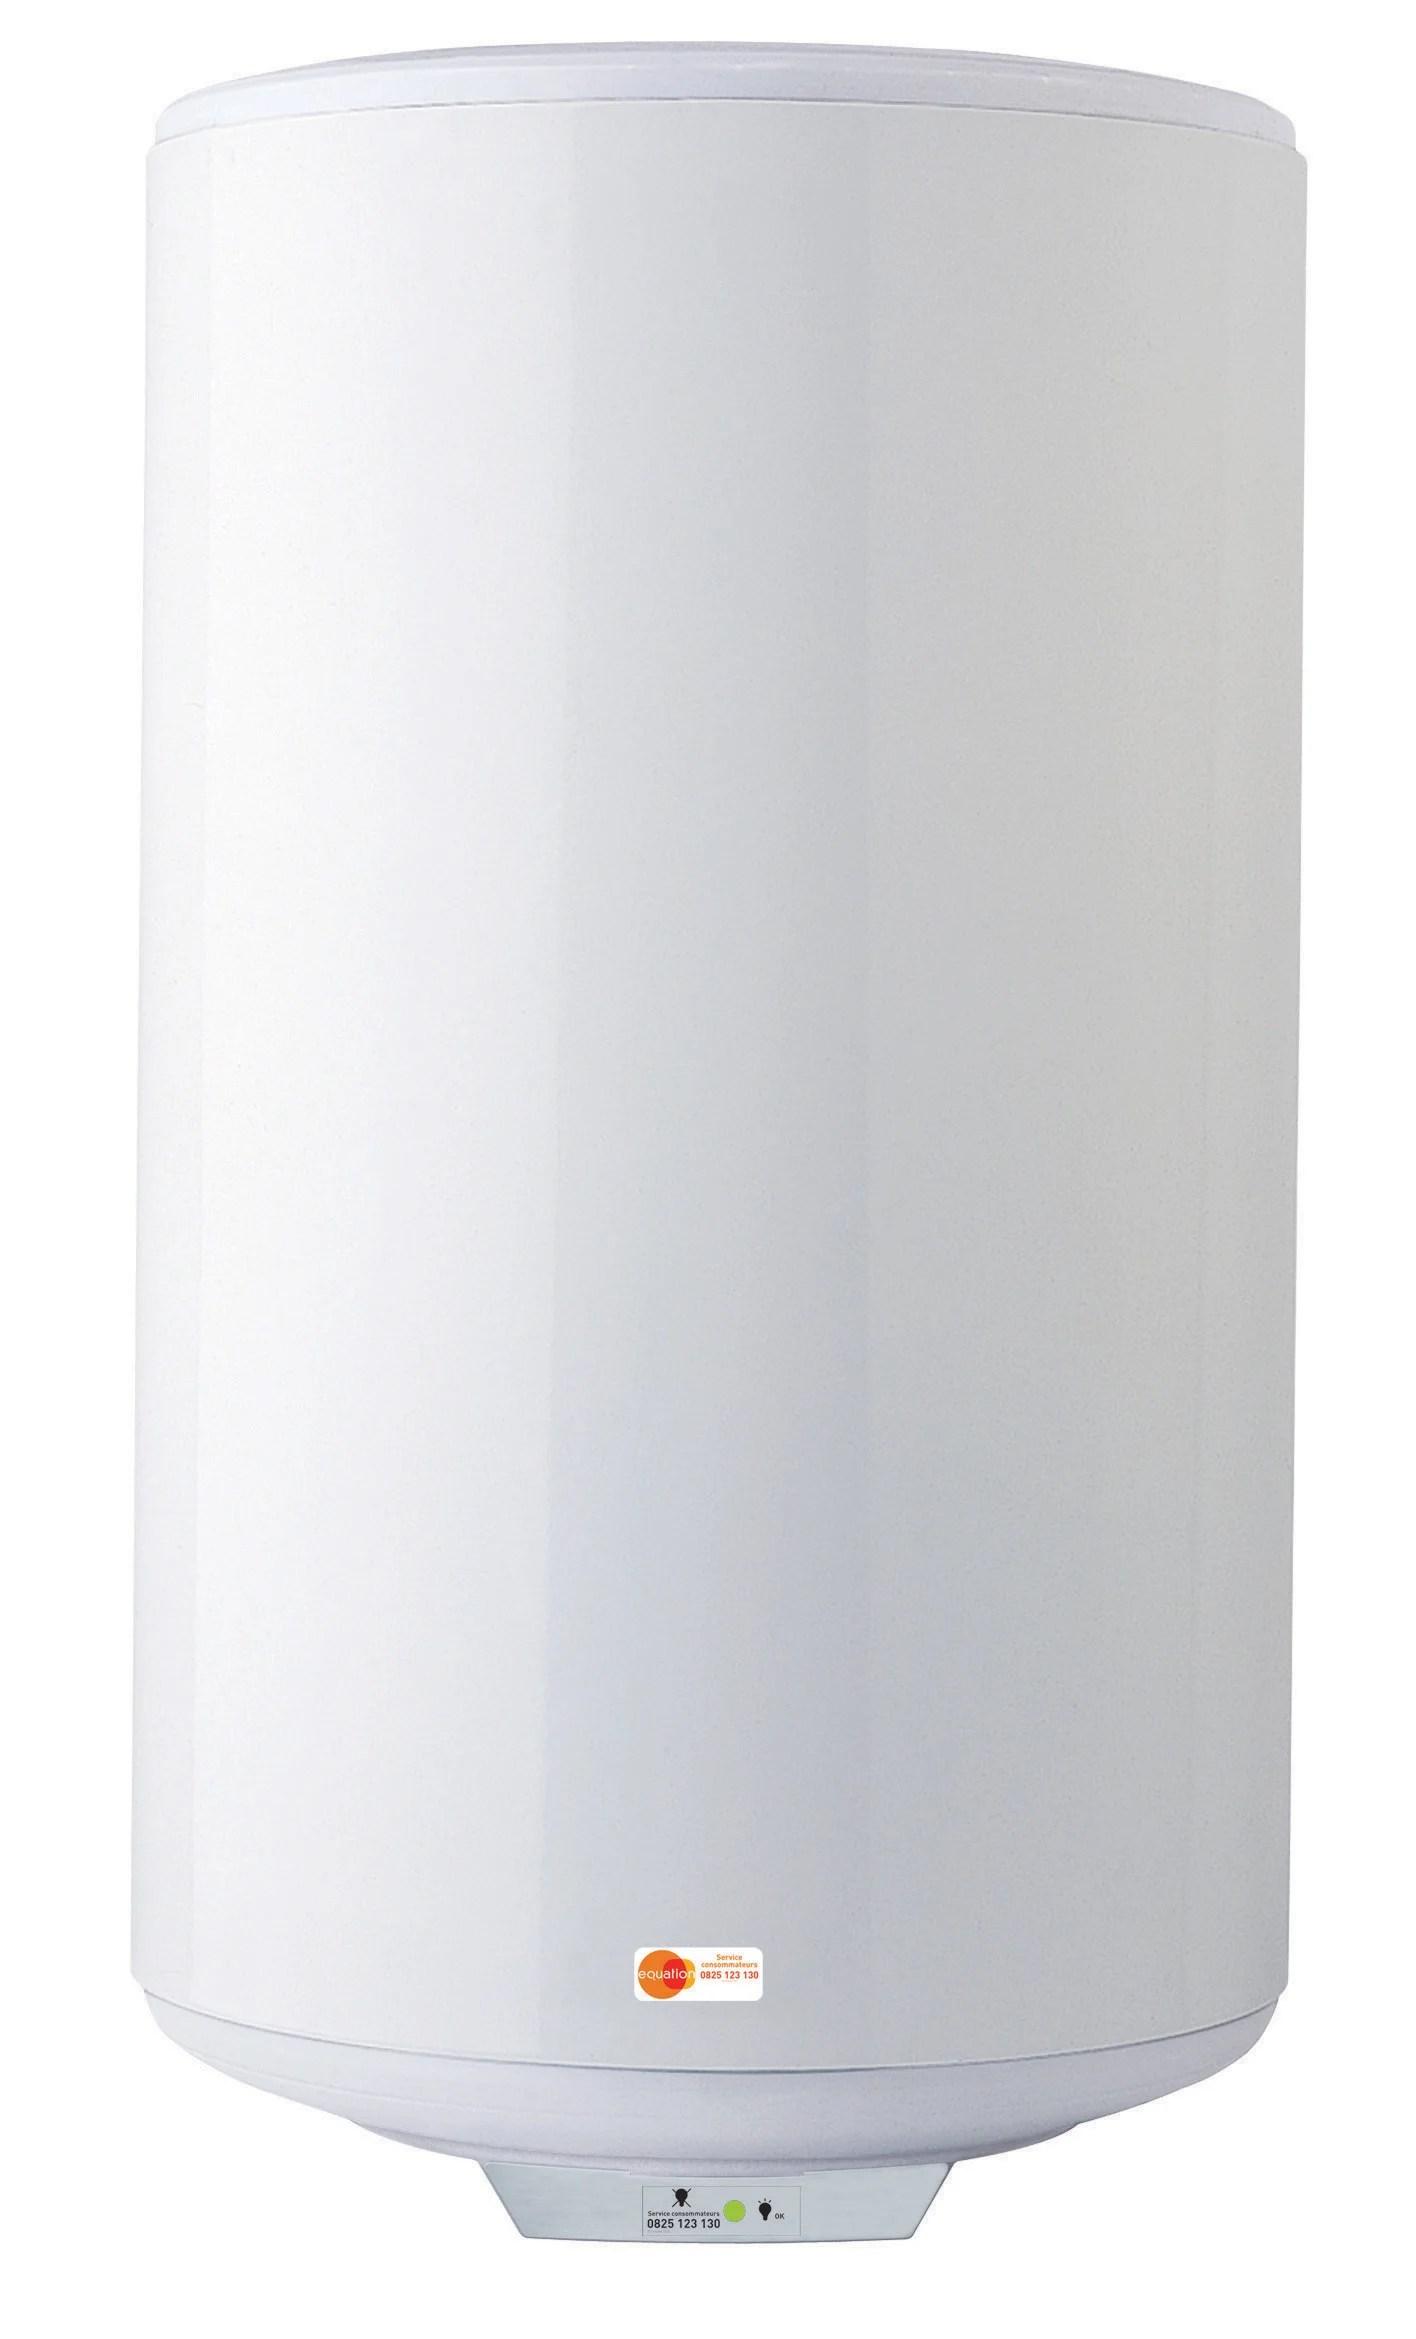 Chauffe Eau Electrique Vertical Mural Equation Titane Electronique 75 L Leroy Merlin